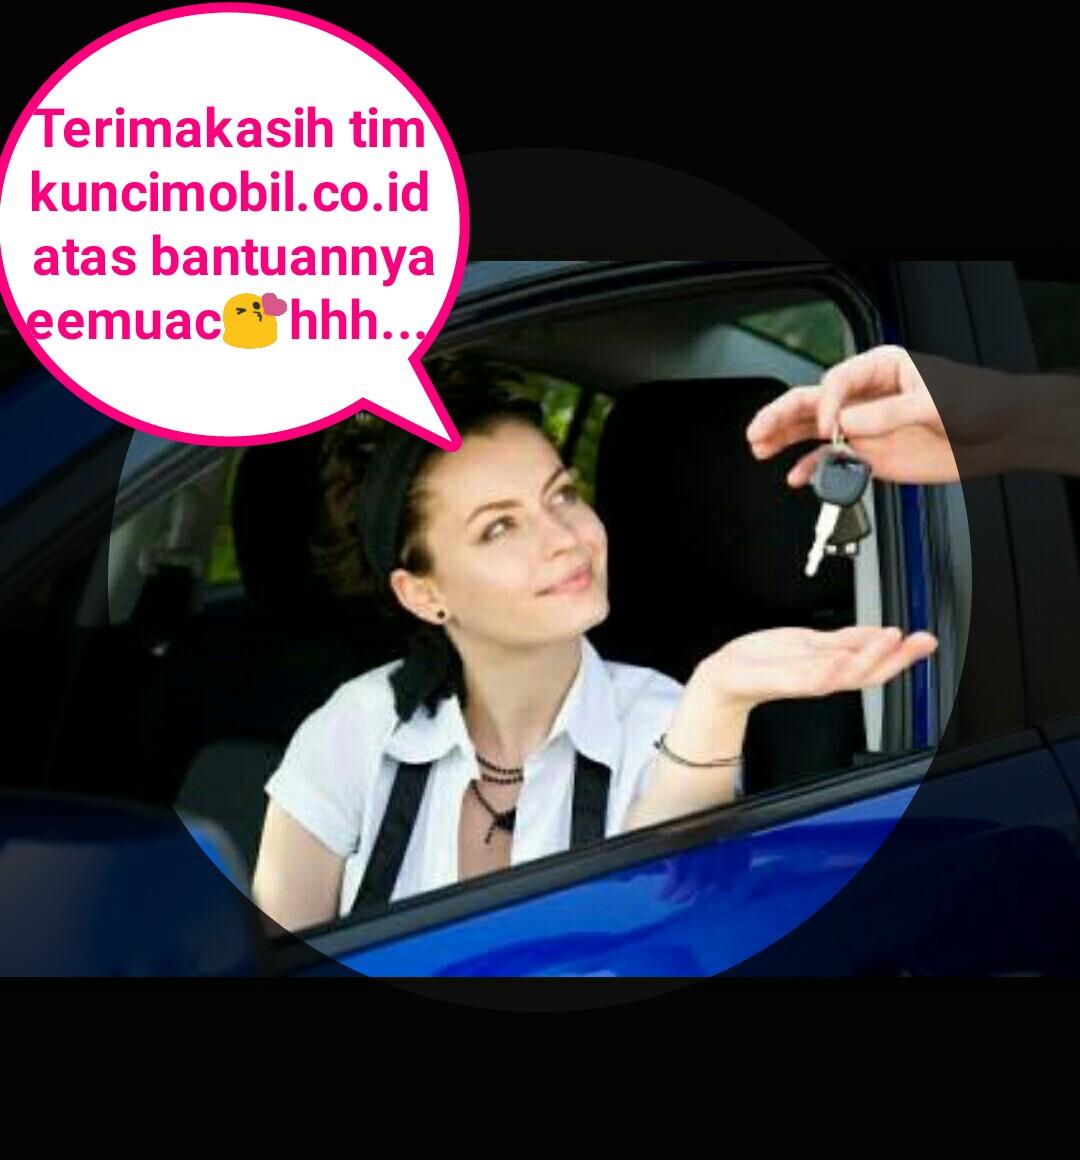 Service panggilan Kunci mobil immobilizer profesional